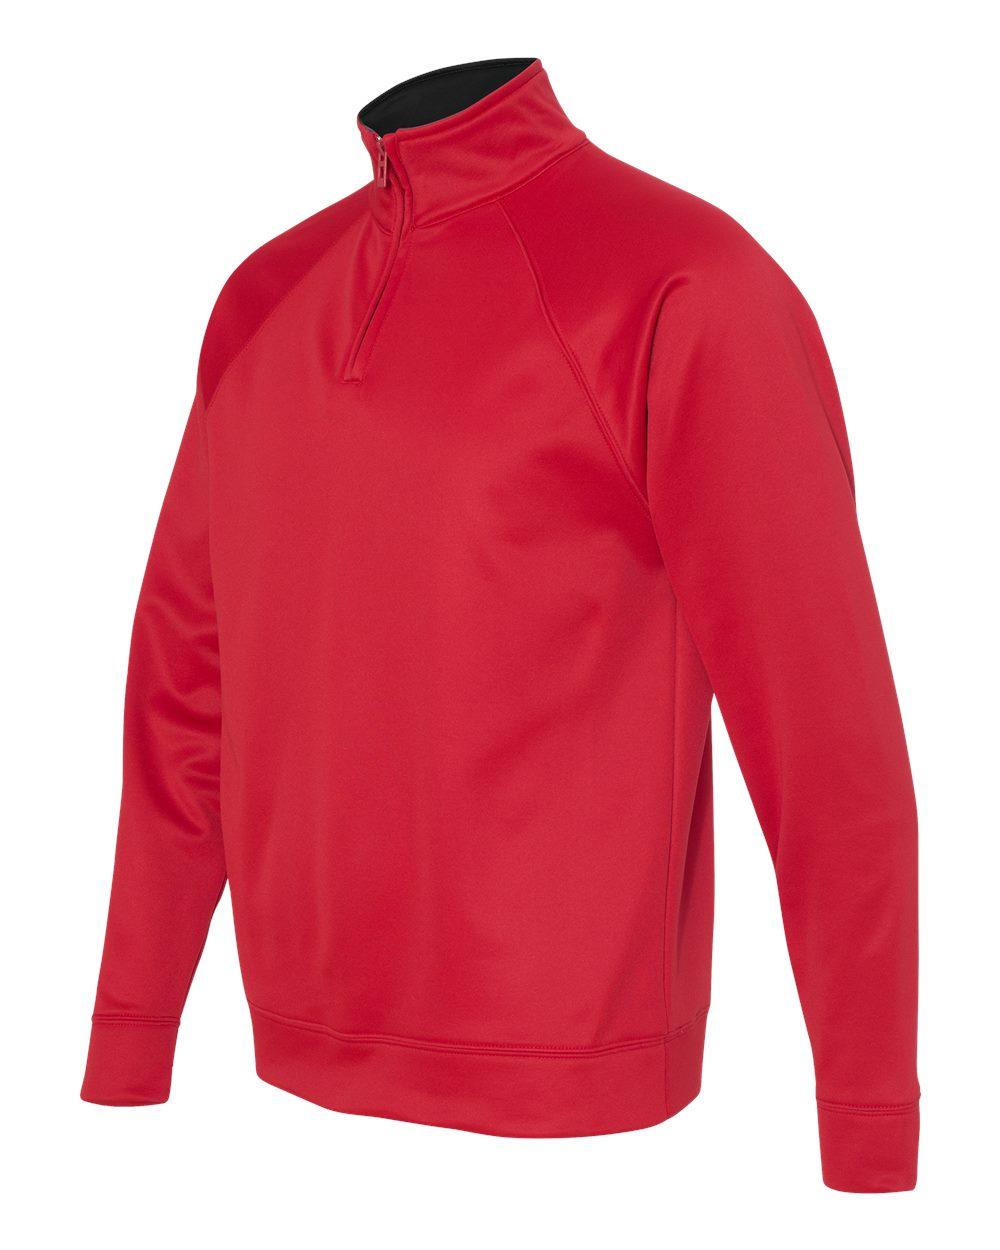 Picture of Jerzees Dri-Power Sport Quarter-Zip Cadet Collar Sweatshirt